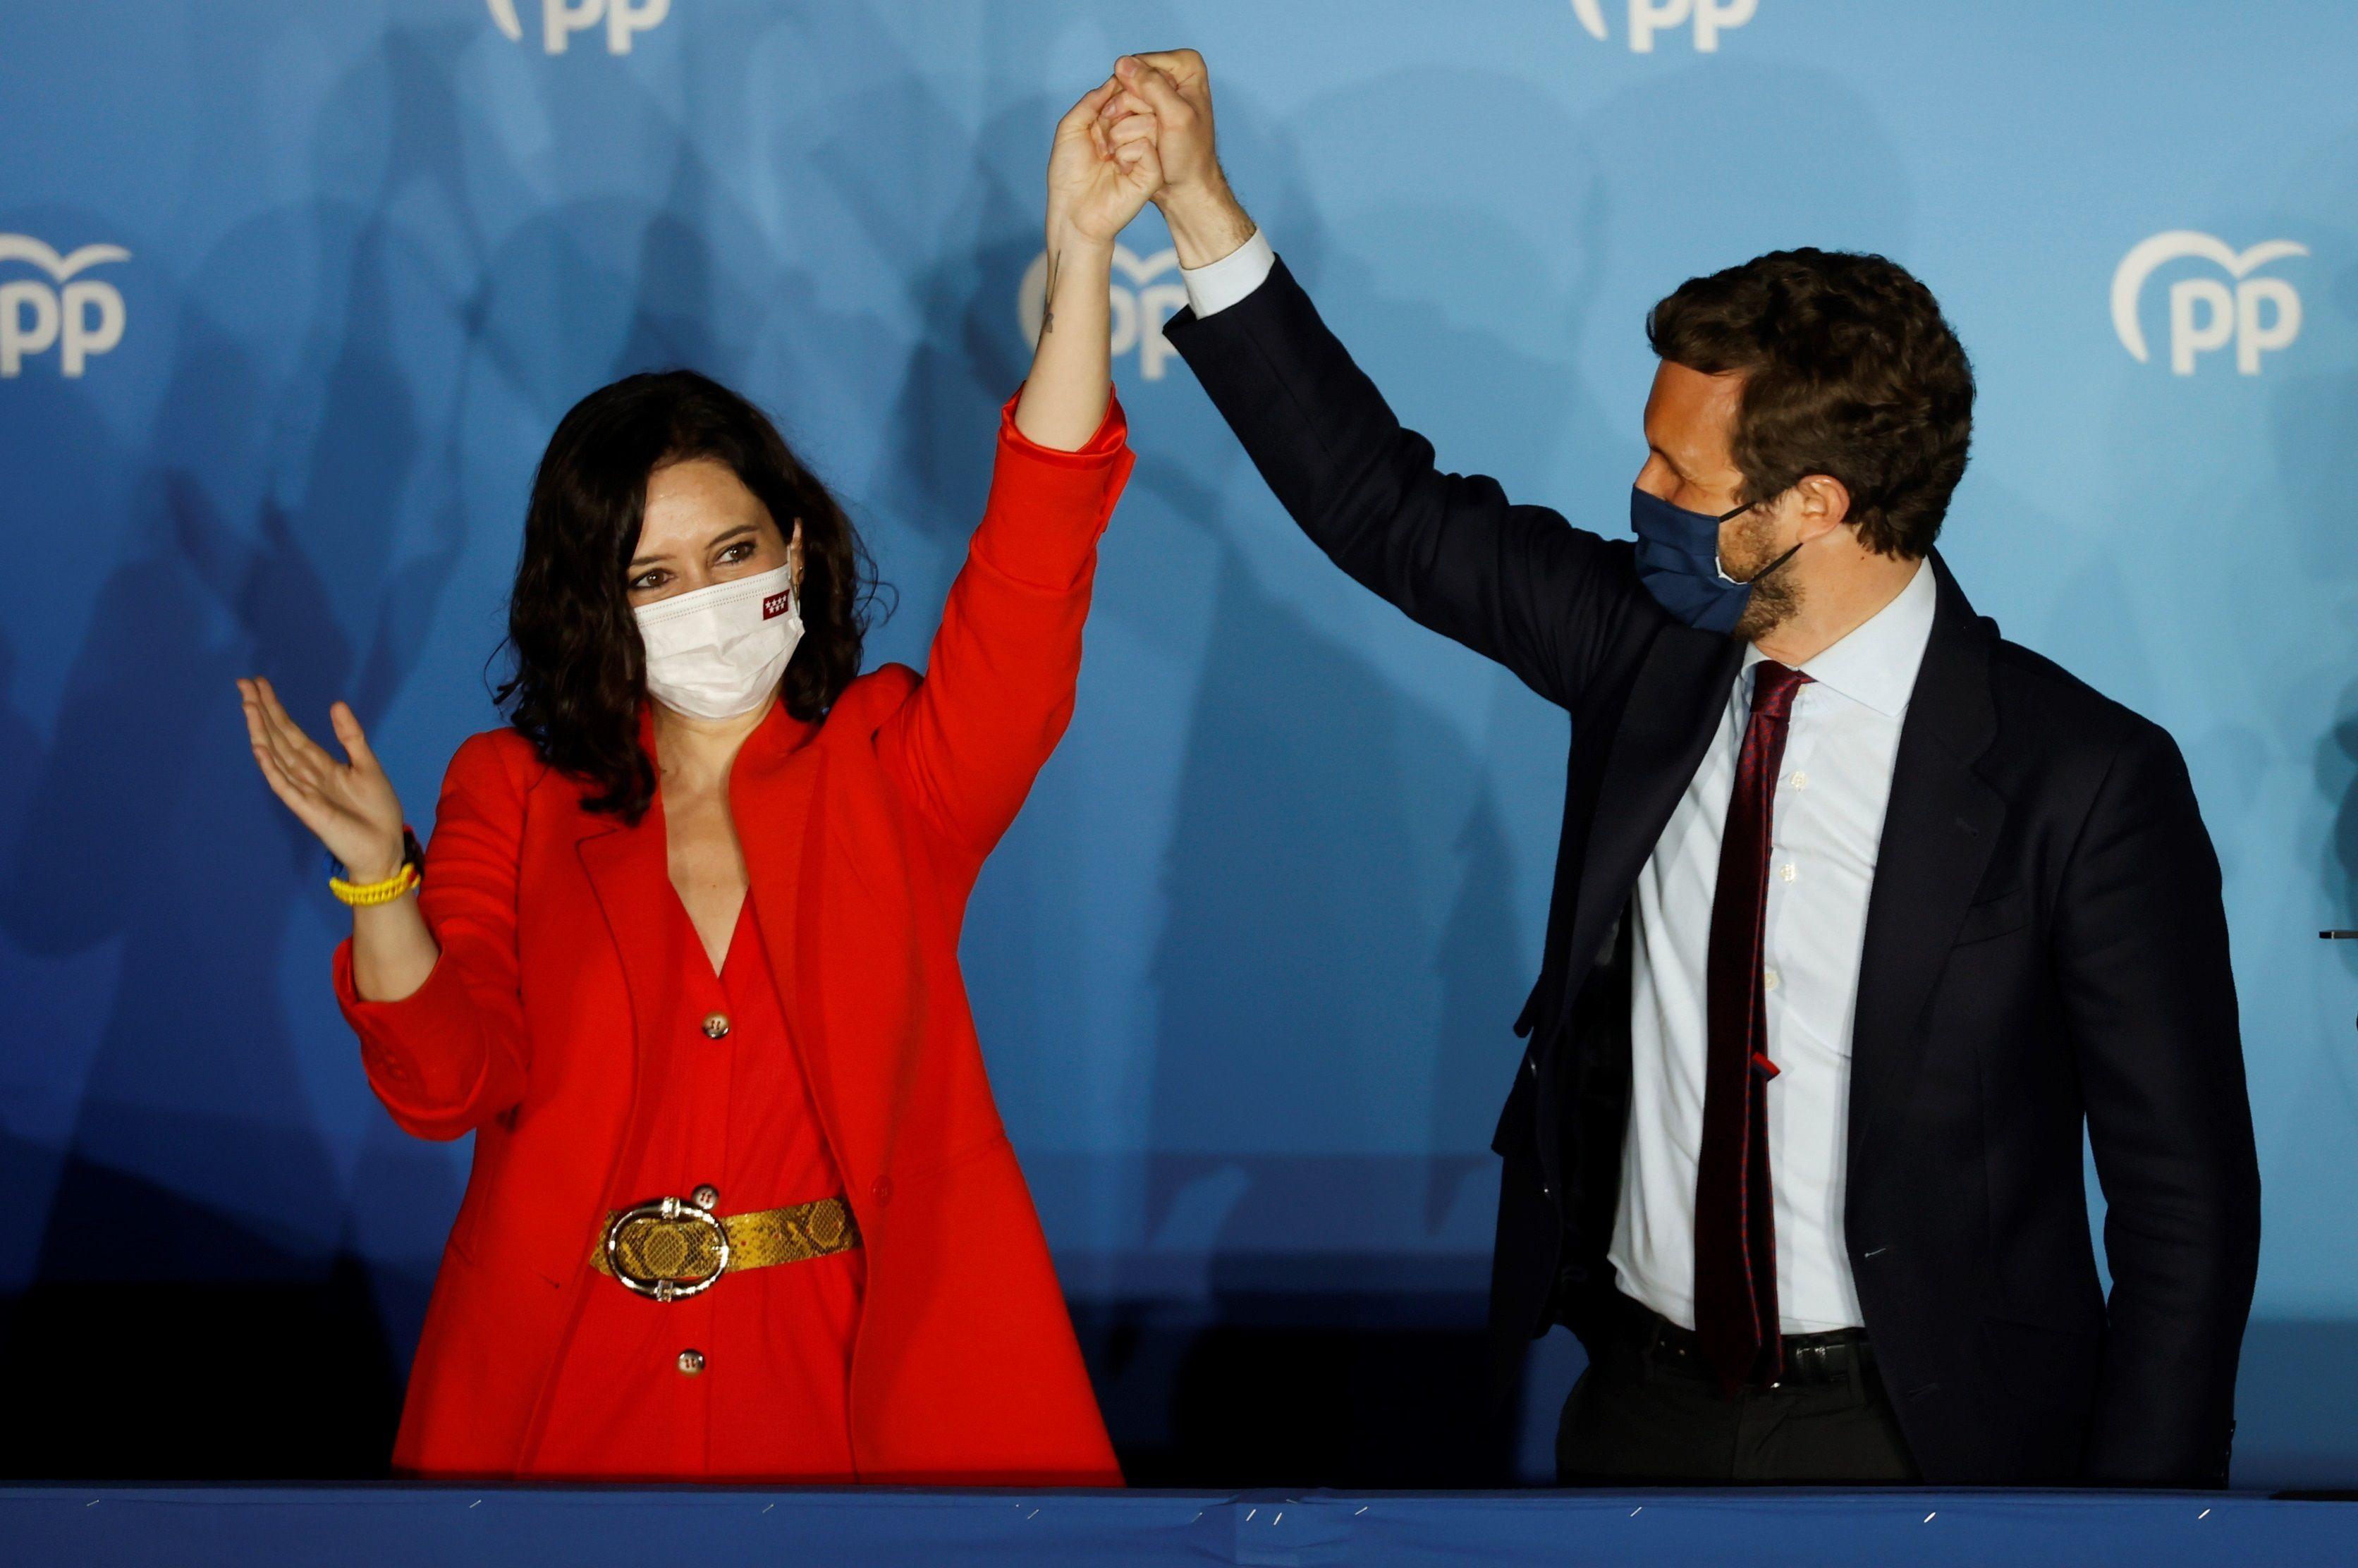 La presidenta de la Comunidad de Madrid y candidata por el Partido Popular a la reelección, Isabel Díaz Ayuso, acompañada por el presidente del partido Pablo Casado, hoy martes en la sede del partido en la calle Génova. EFE/Mariscal